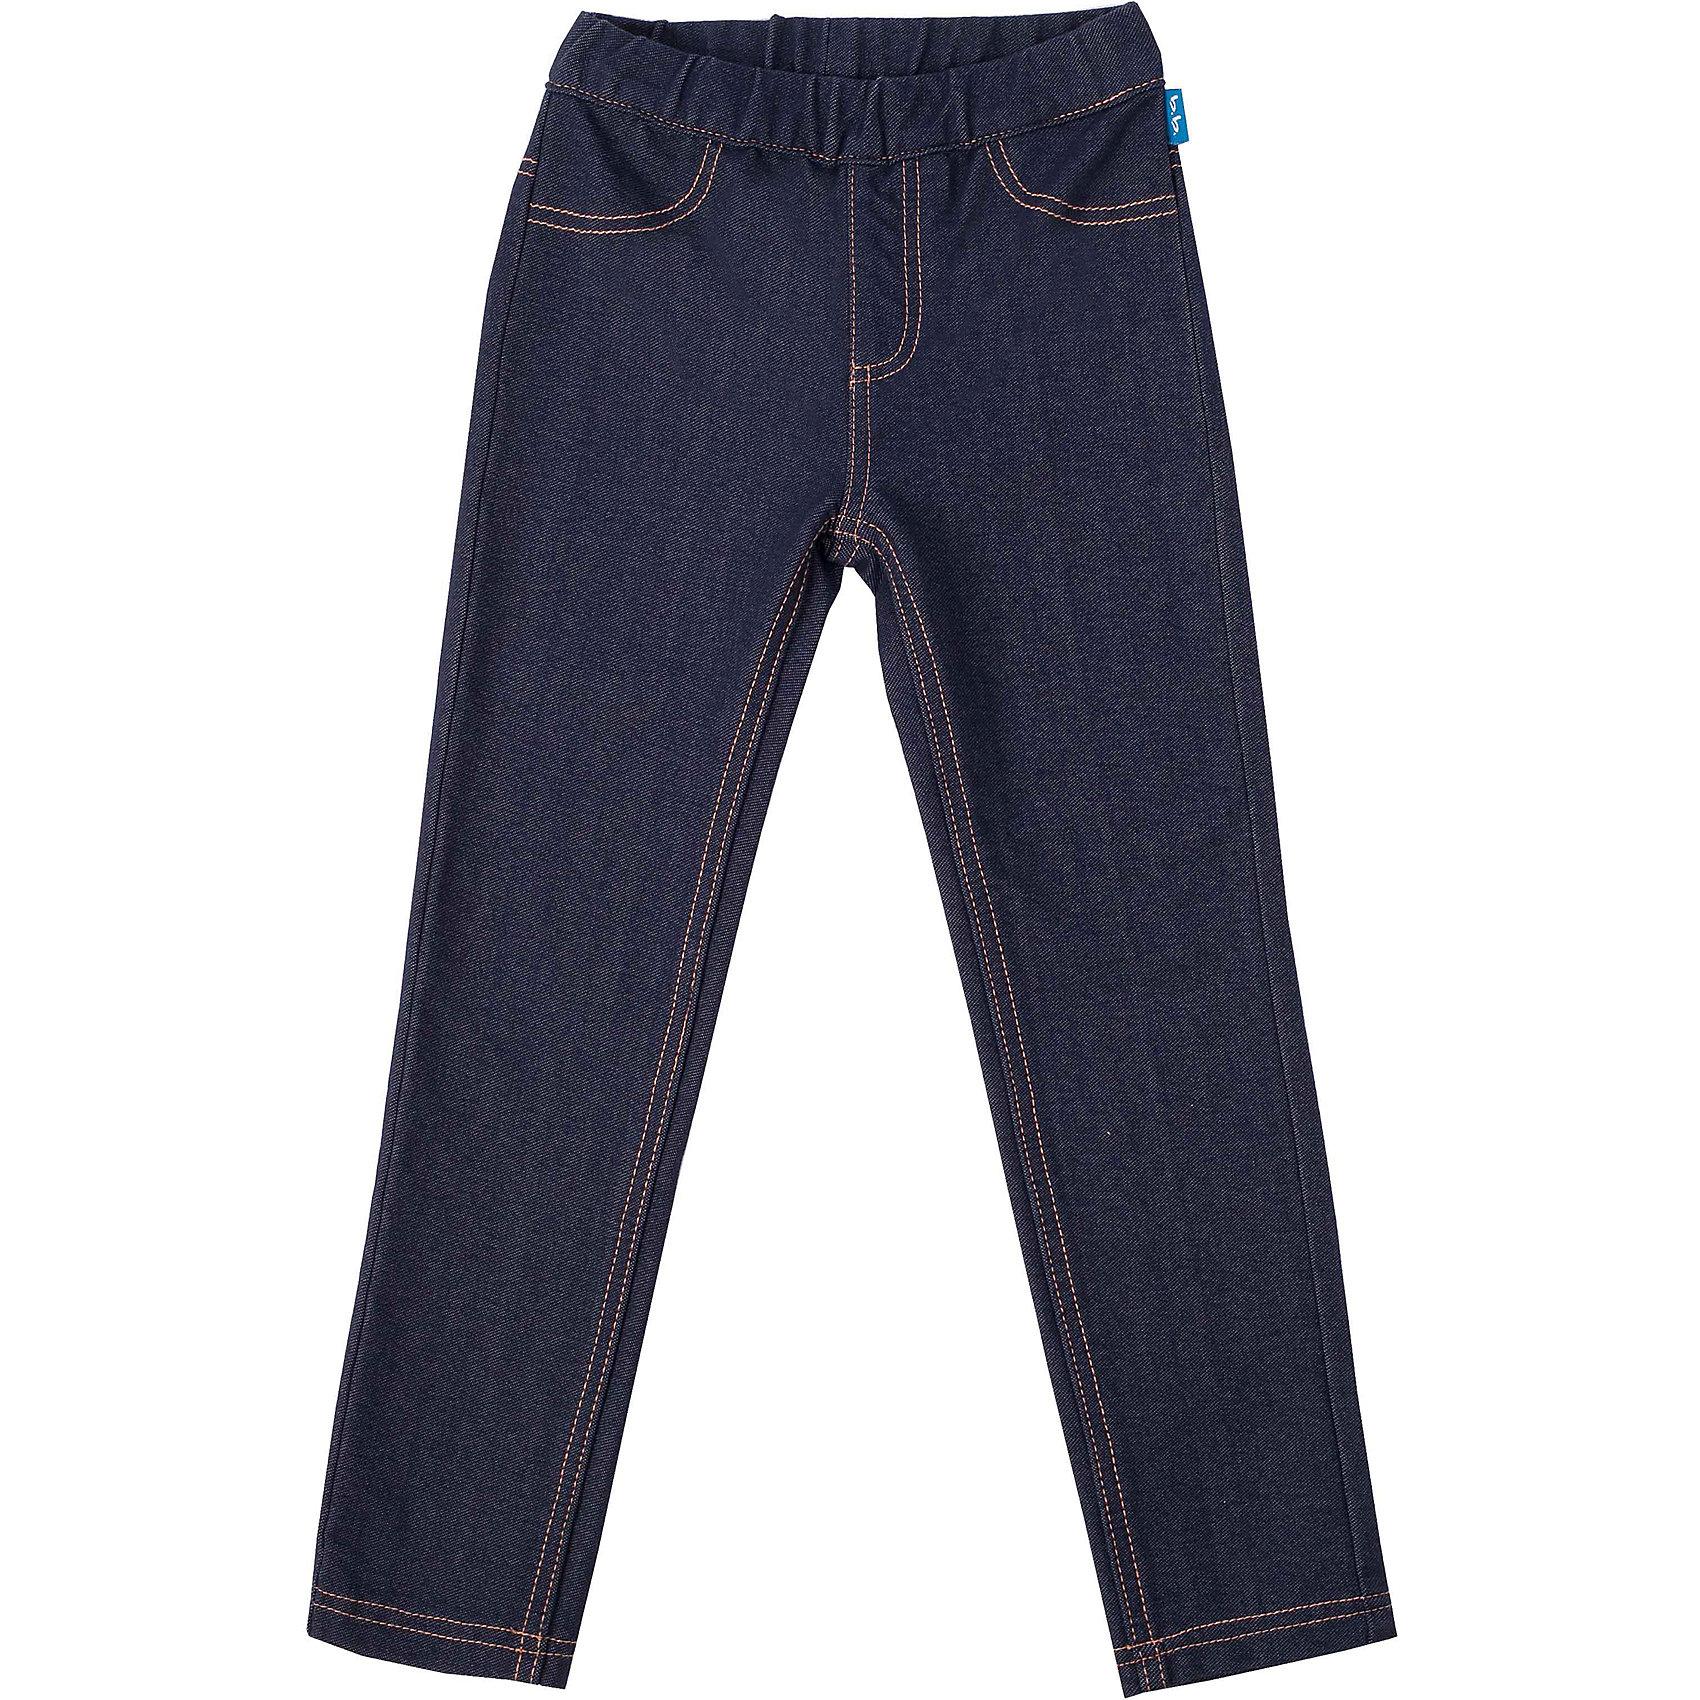 Леггинсы джинсовые для девочки Button BlueДжинсы<br>Трикотажные брюки полностью  имитируют модные джинсы облегающего силуэта. При этом они комфортны как леггины, что делает их идеальным дополнением к любой футболке, толстовке, тунике. Оптимальное решение на каждый день!<br>Состав:<br>95%хлопок 5%эластан<br><br>Ширина мм: 215<br>Глубина мм: 88<br>Высота мм: 191<br>Вес г: 336<br>Цвет: синий<br>Возраст от месяцев: 96<br>Возраст до месяцев: 108<br>Пол: Женский<br>Возраст: Детский<br>Размер: 134,152,122,110,146,158,116,128,104,98,140<br>SKU: 4227117